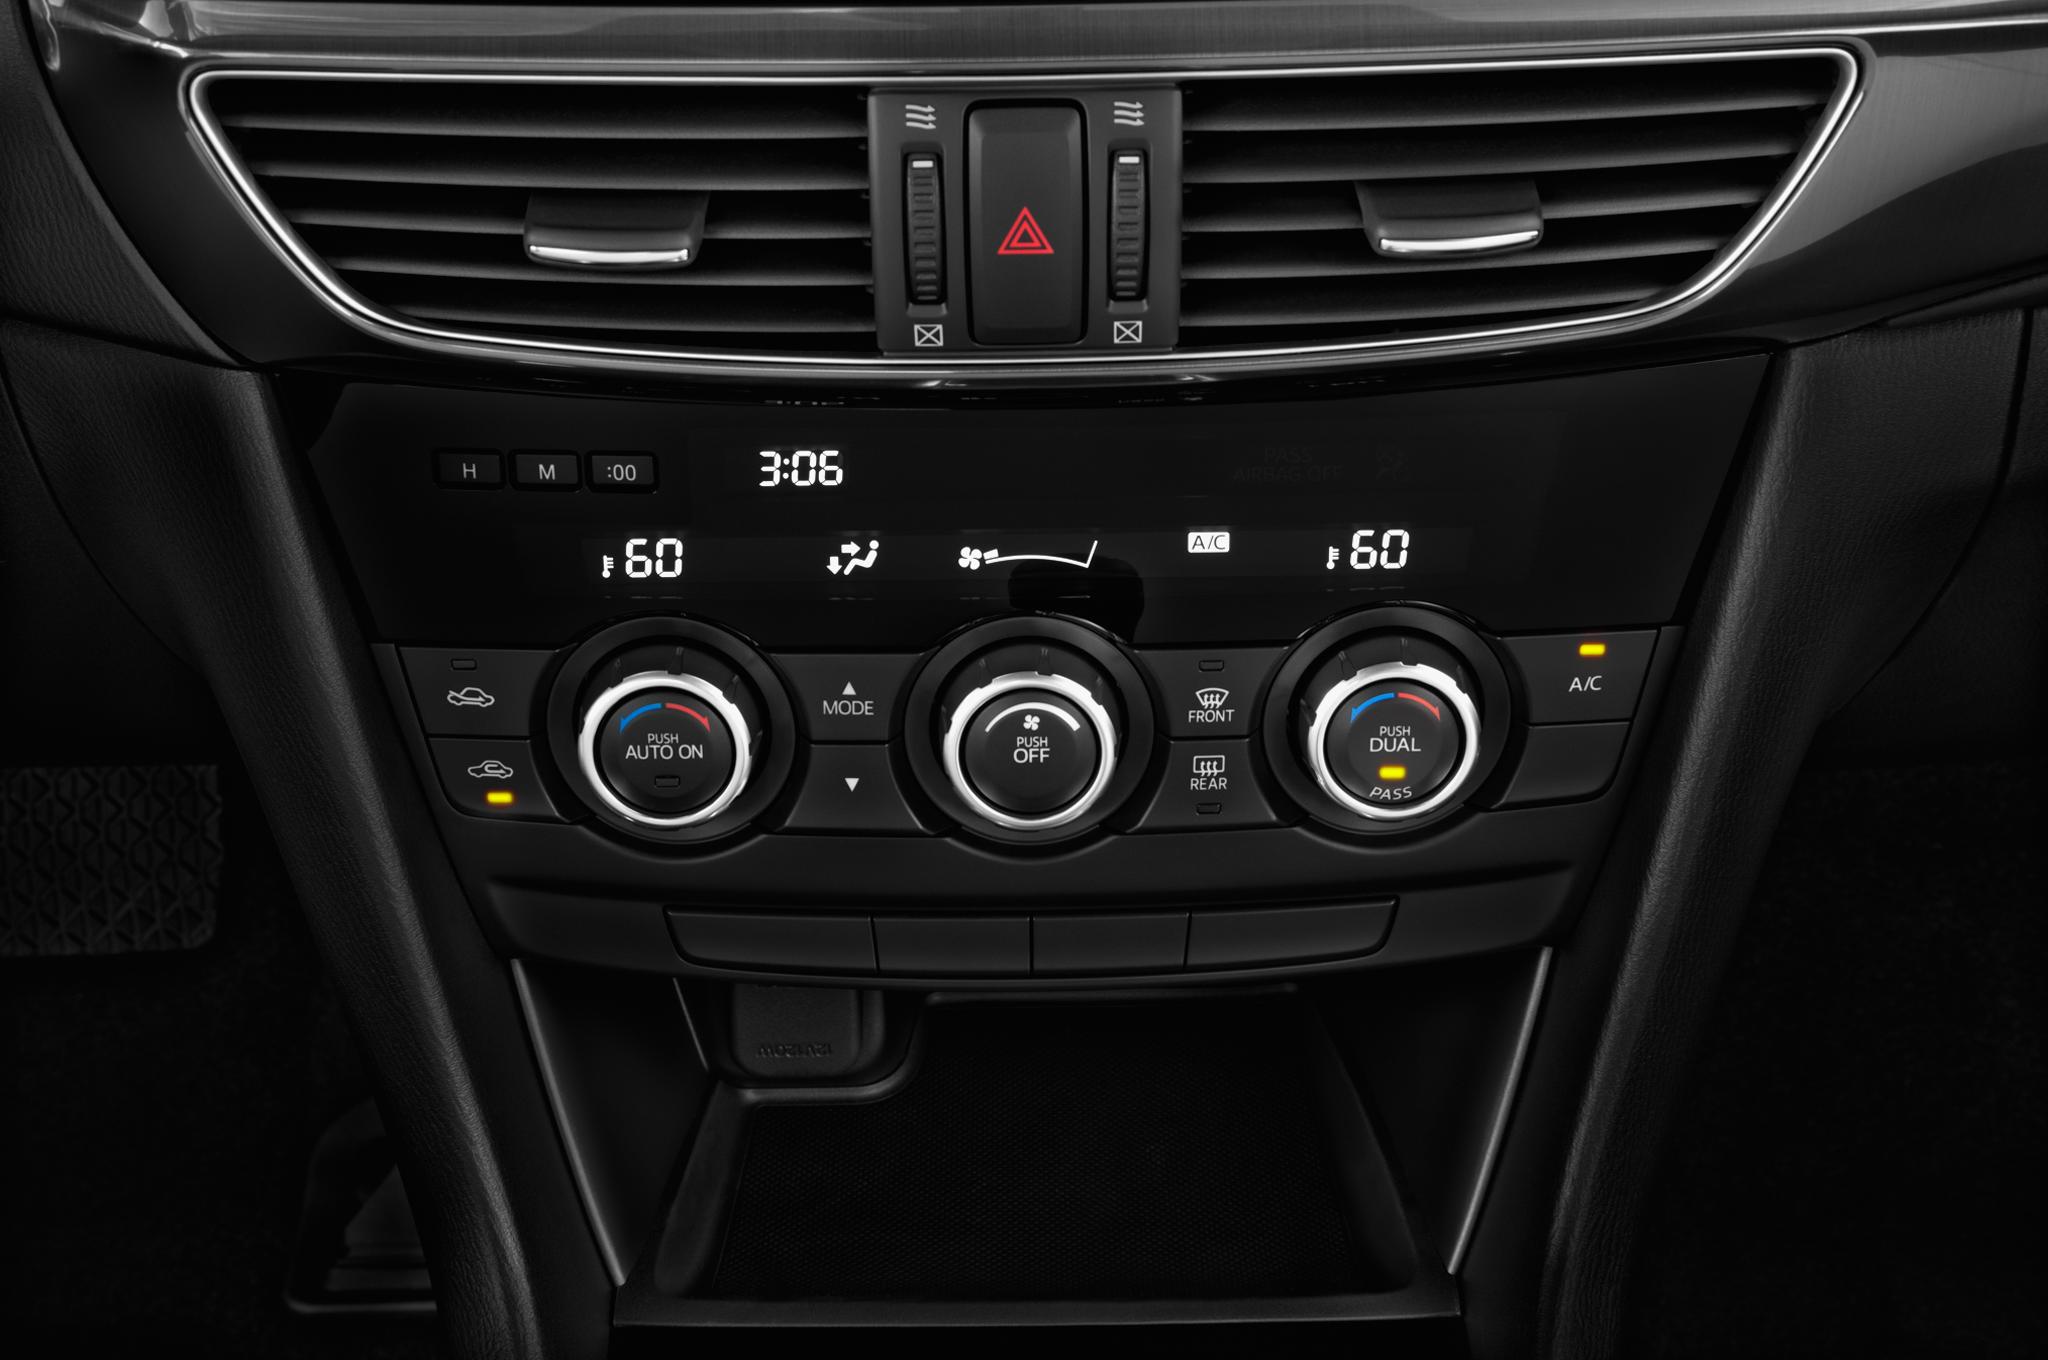 2015 mazda mazda6 i touring sedan temp control1 #C9BB02